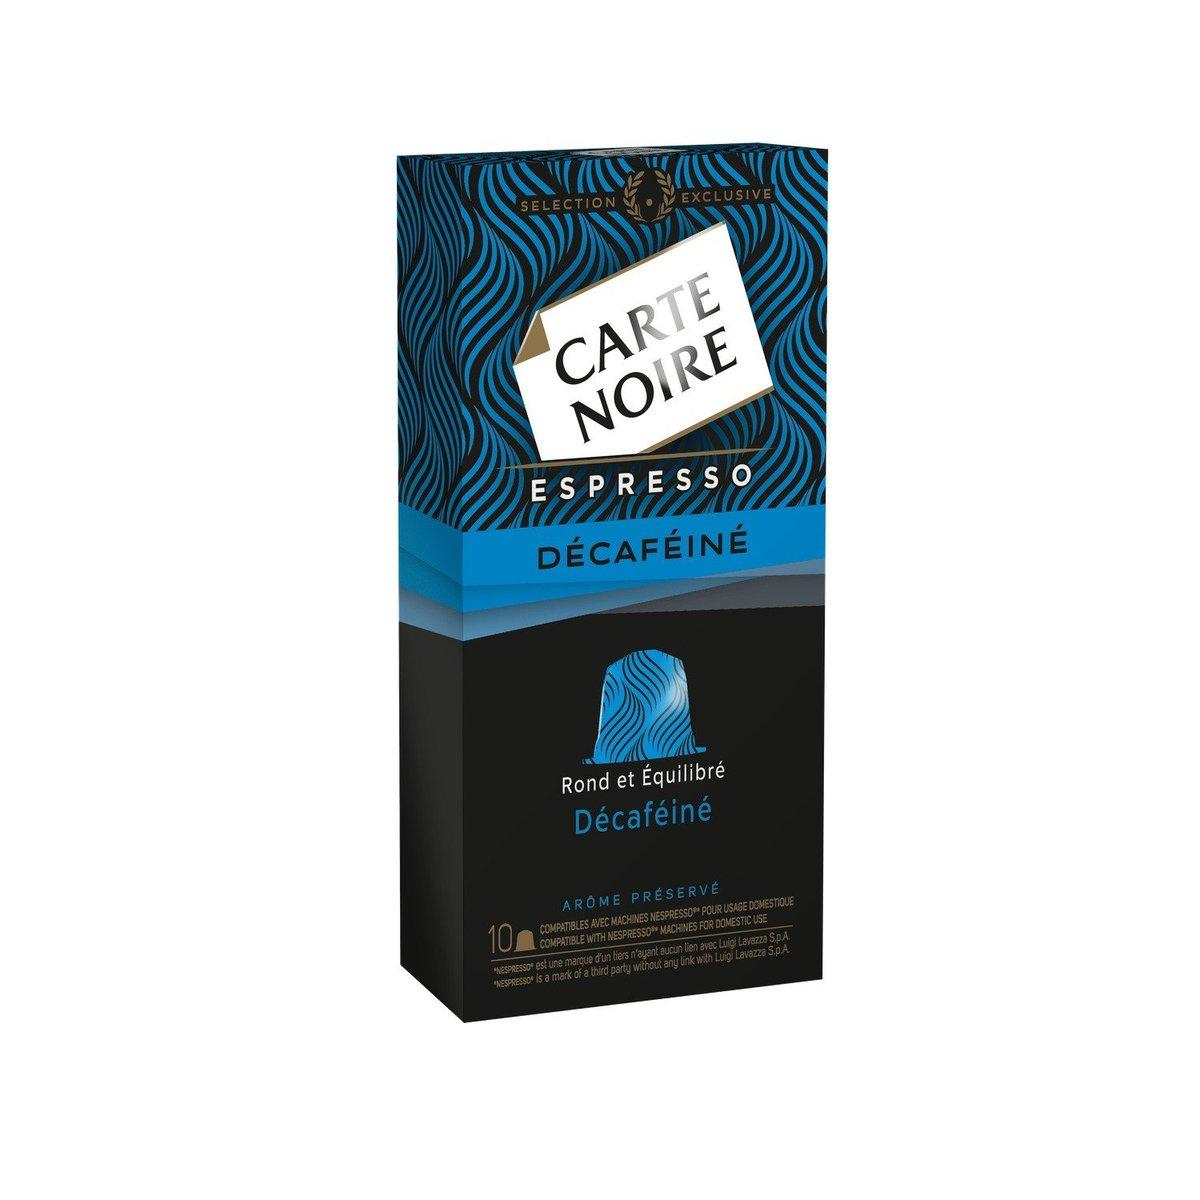 CARTE NOIRE - Coffee Capsules Decaffeinated - 10caps - 53g